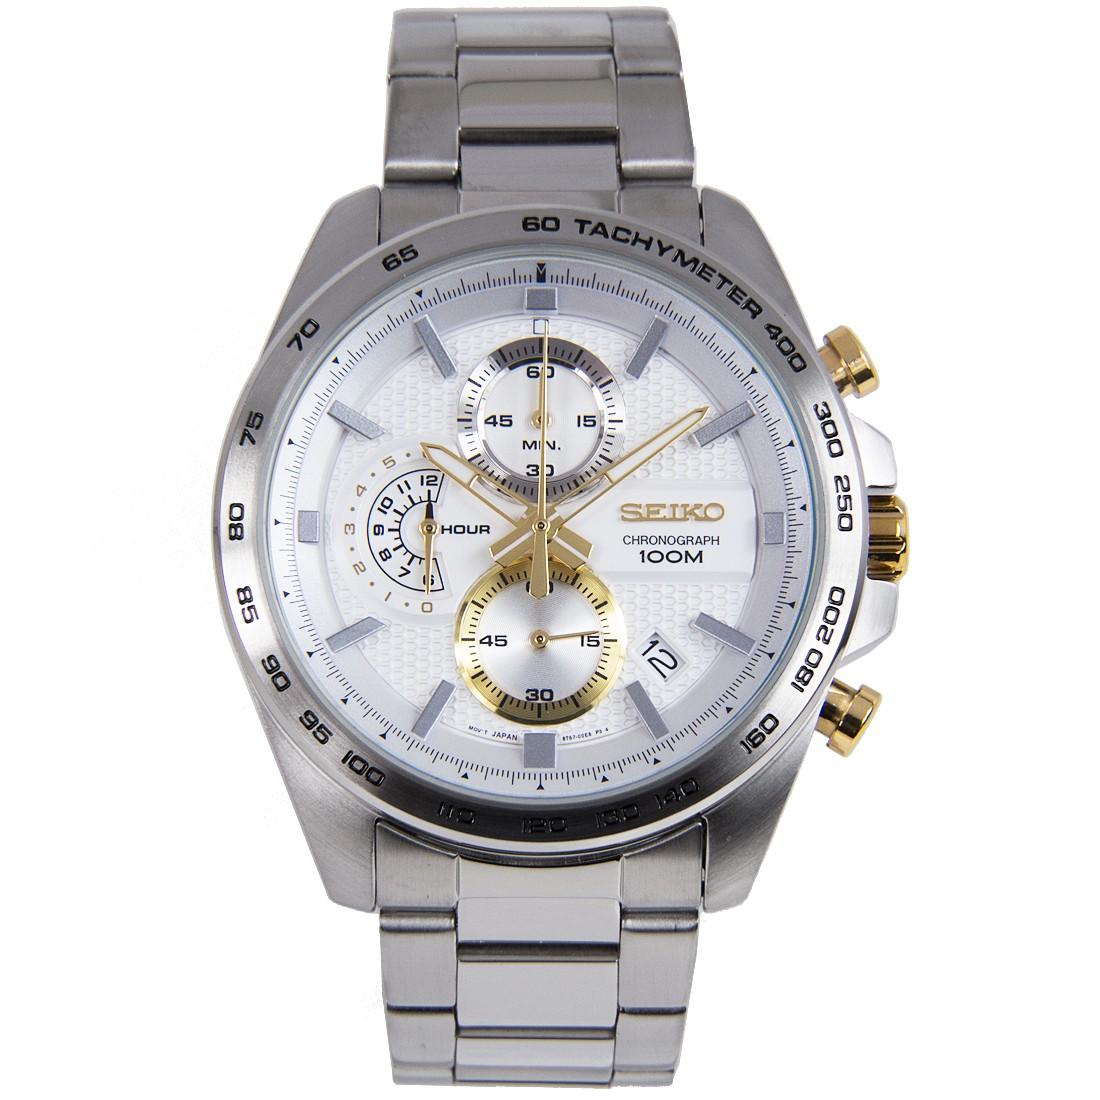 SEIKO Sport นาฬิกาข้อมือผู้ชาย Chronograph เรือนสแตนเลสหน้าปัดขาว รุ่น SSB285P1